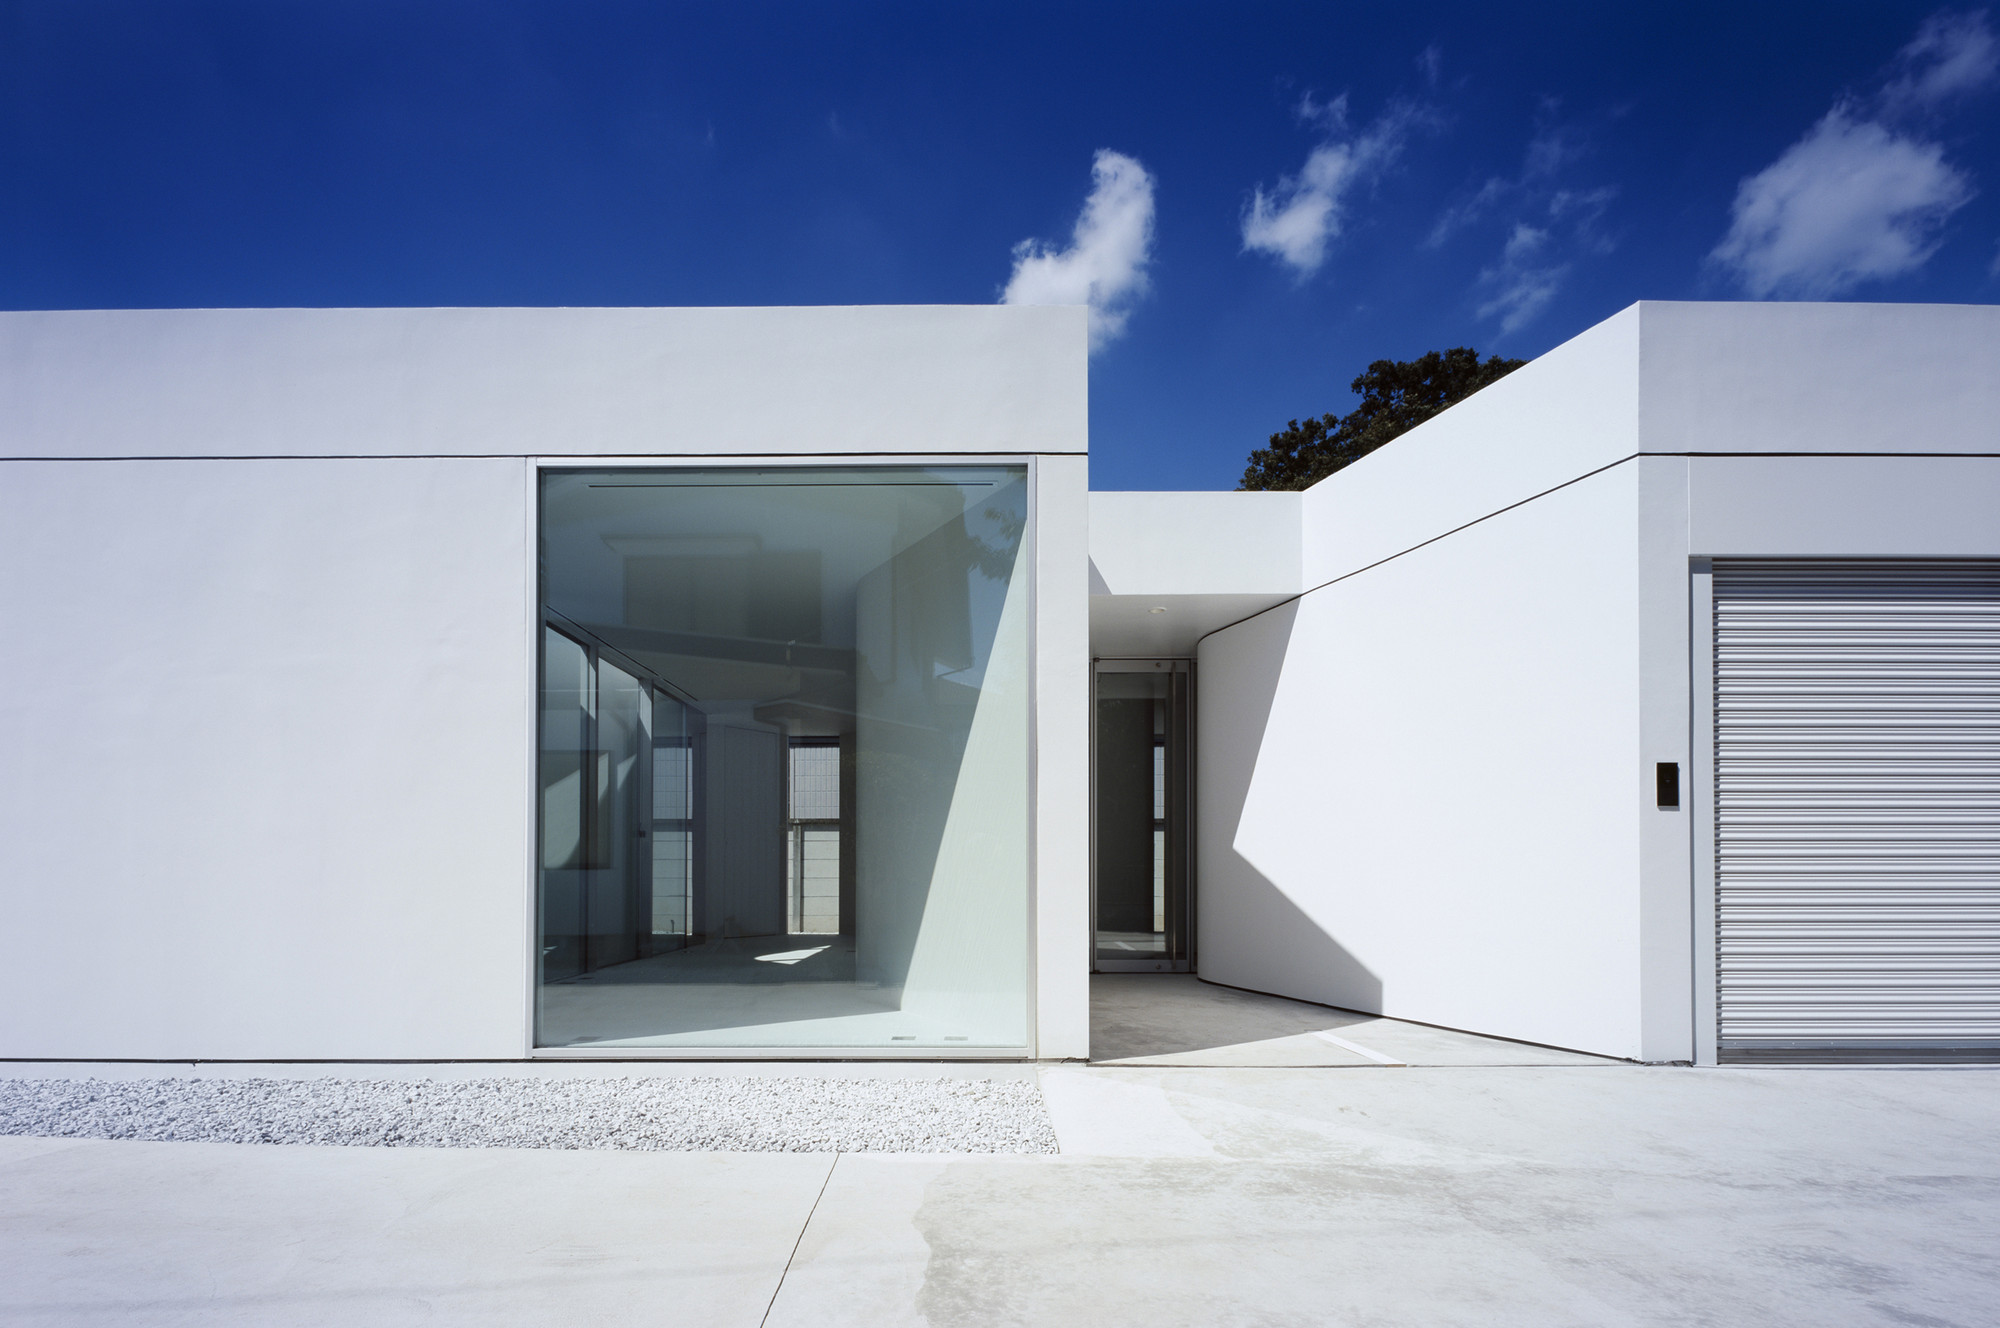 House in Komae / Makoto Yamaguchi Design, © Daici Ano